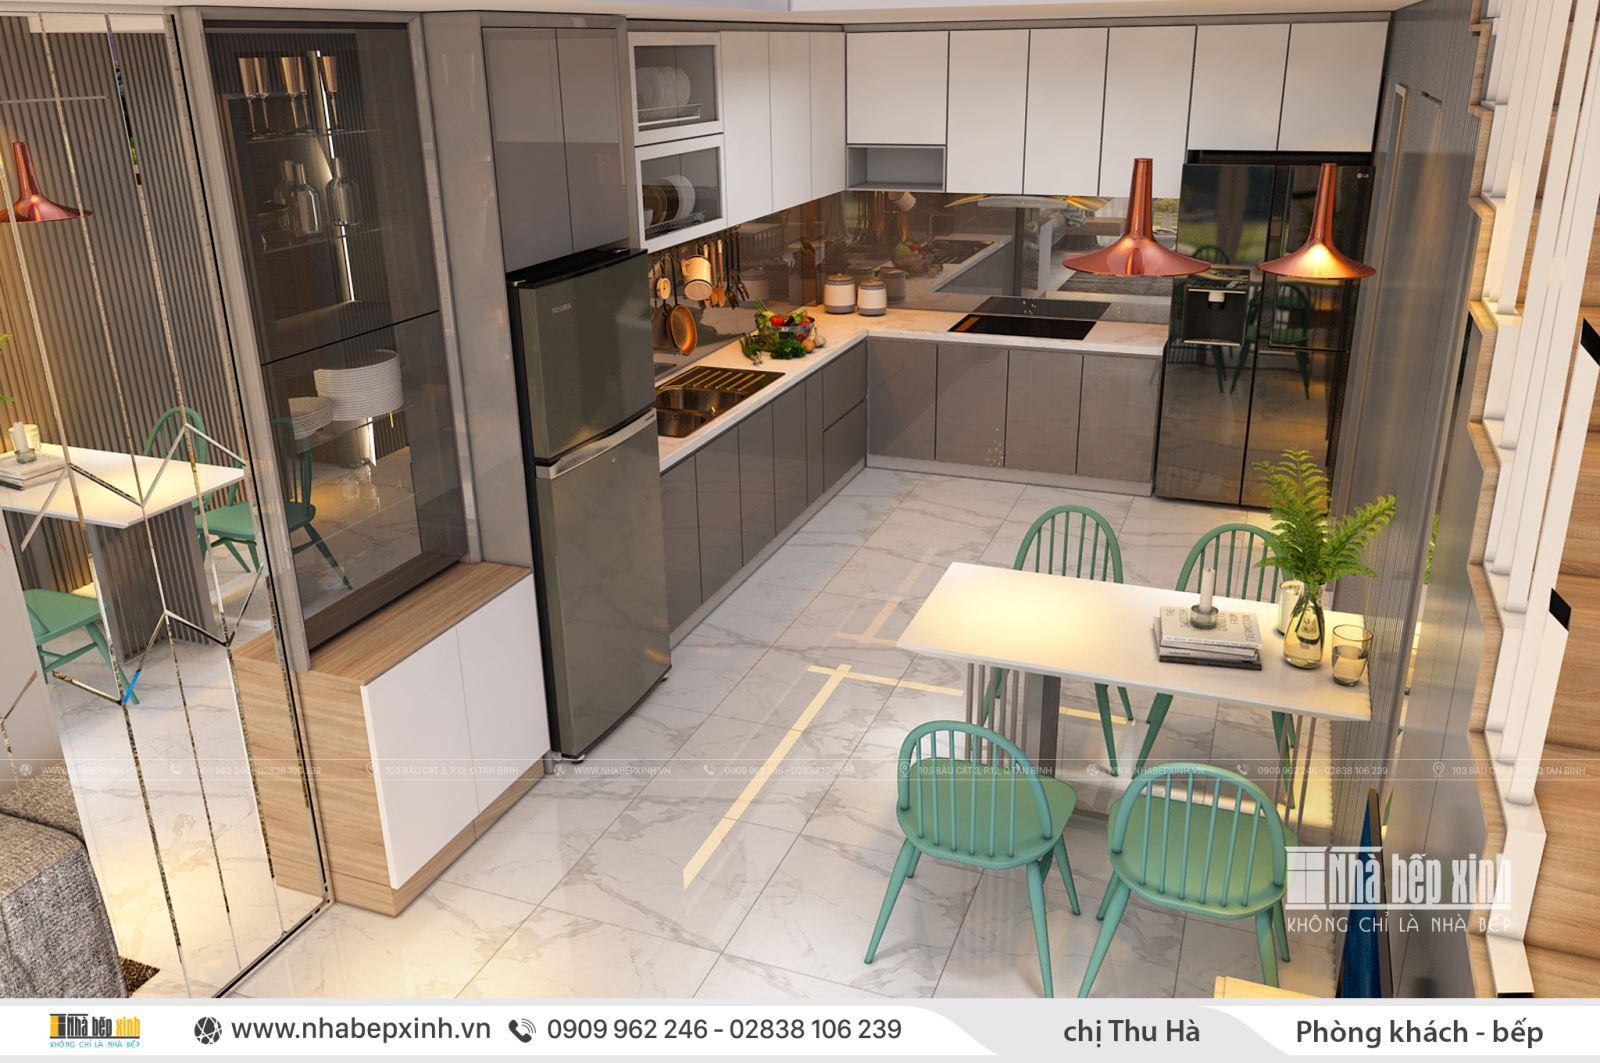 Hướng dẫn thiết kế nội thất phòng khách _ bếp đẹp nhất